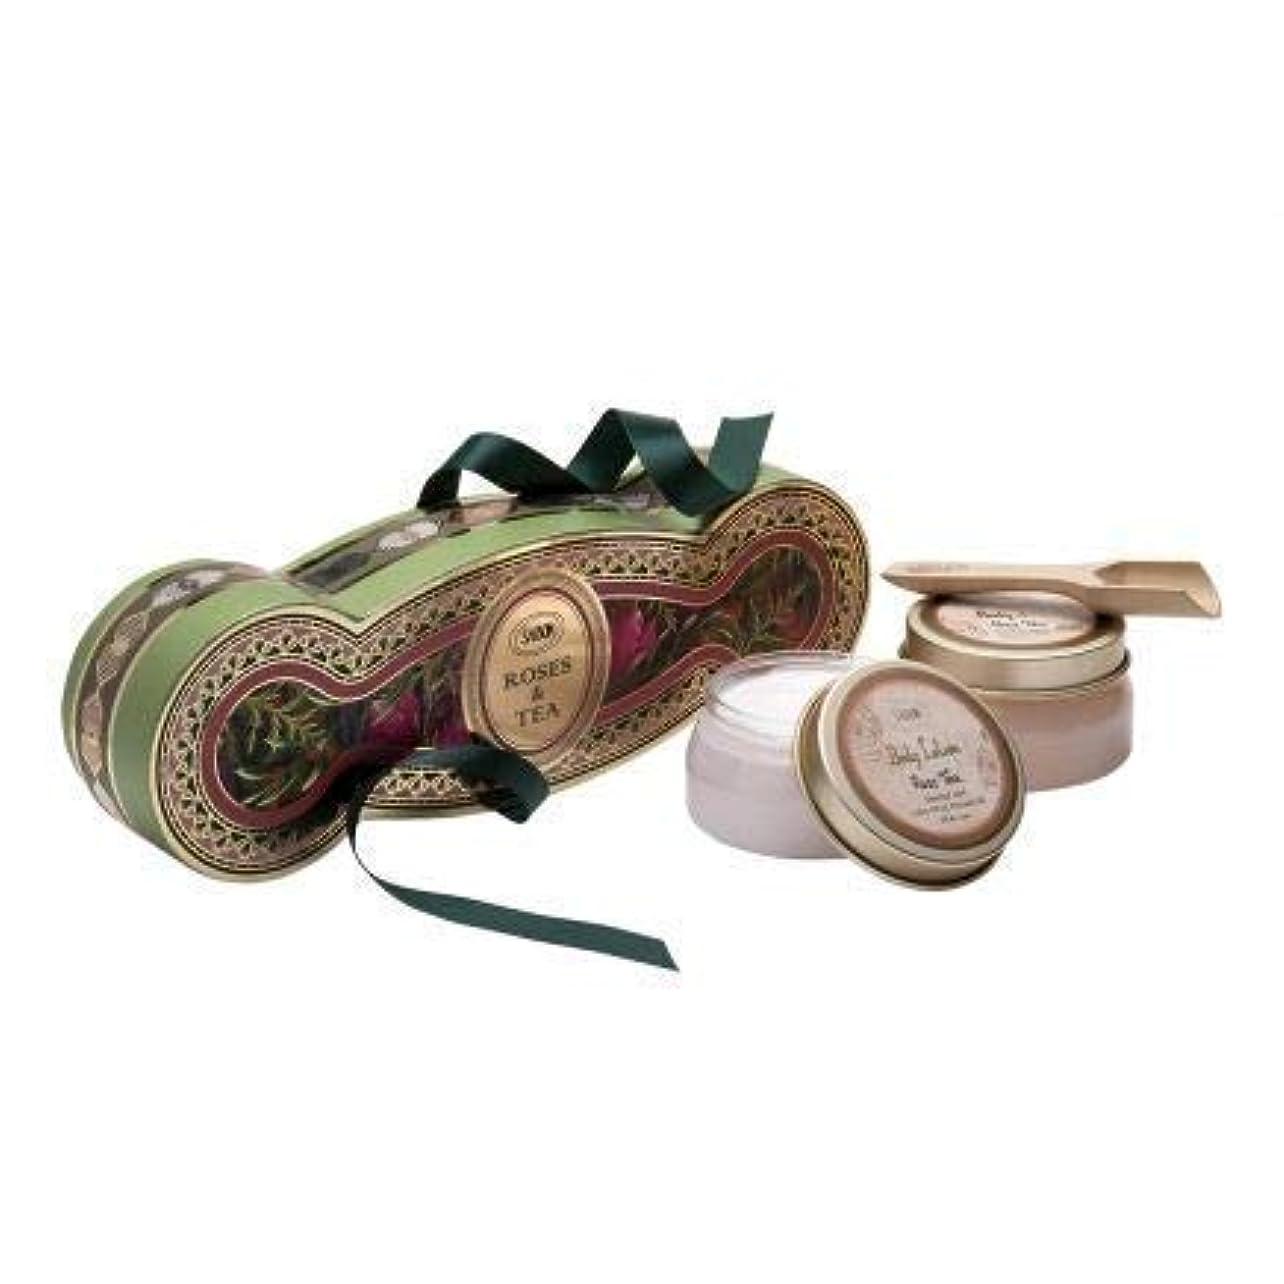 罰するコンバーチブル熱狂的なサボン コフレ ギフト ローズティー キット ボディスクラブ ボディローション ホワイトデー SABON Rose Tea kit コレクション